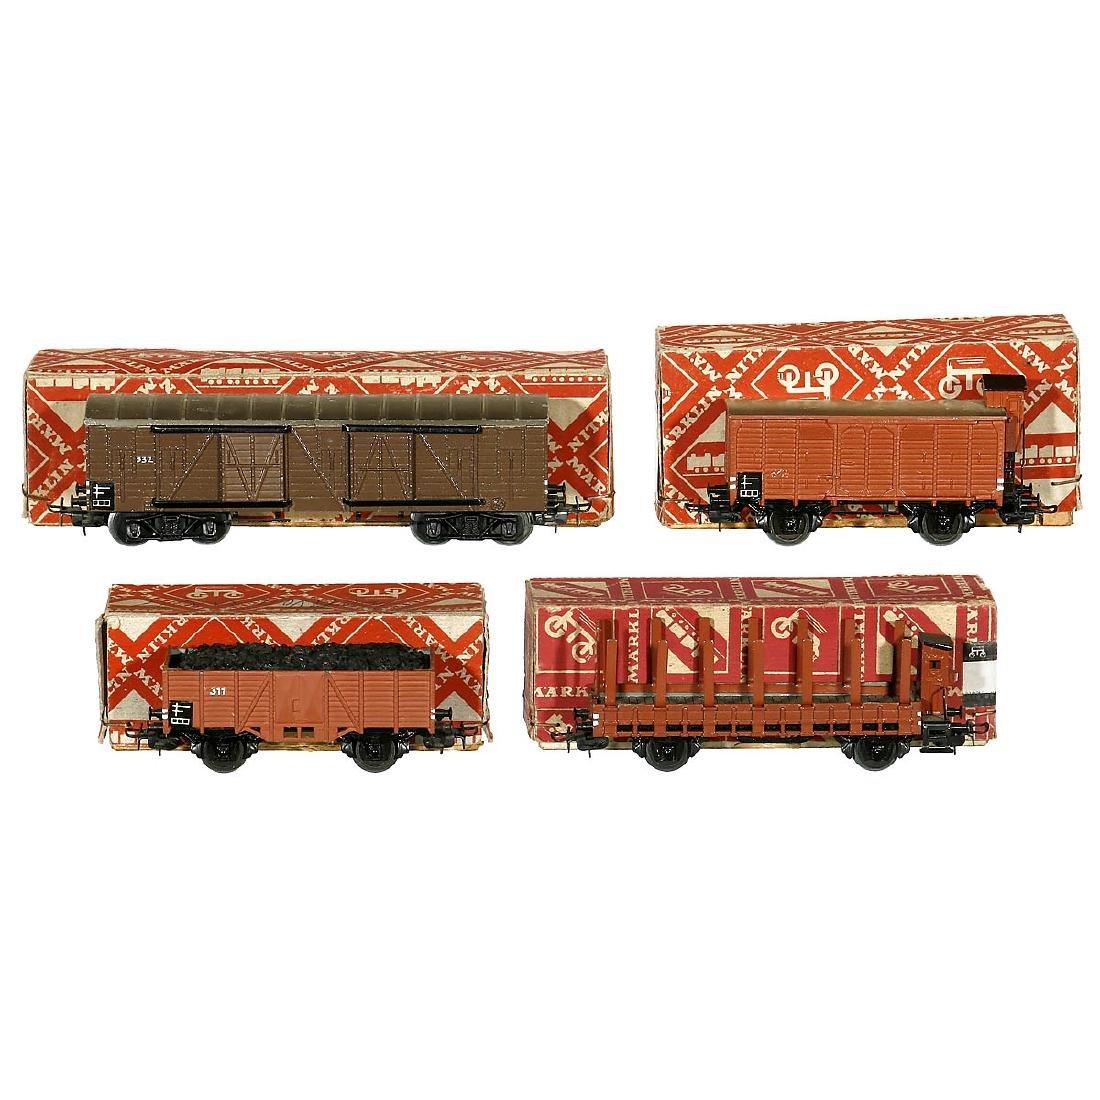 4 Märklin Freight Wagons, c. 1953